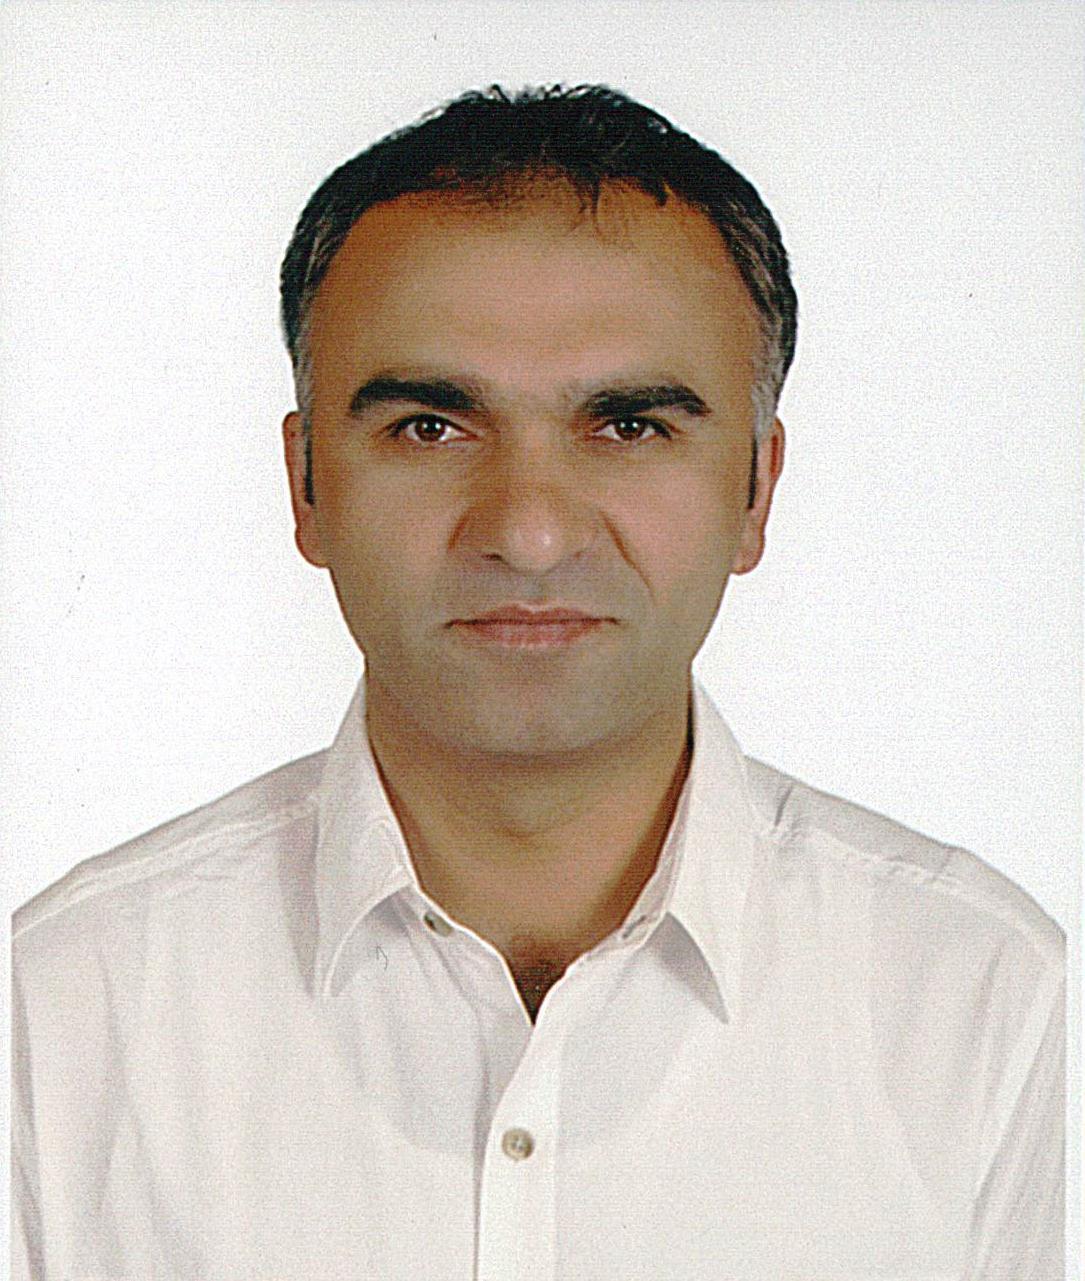 Prof. Dr. OSMAN KARAMUSTAFA